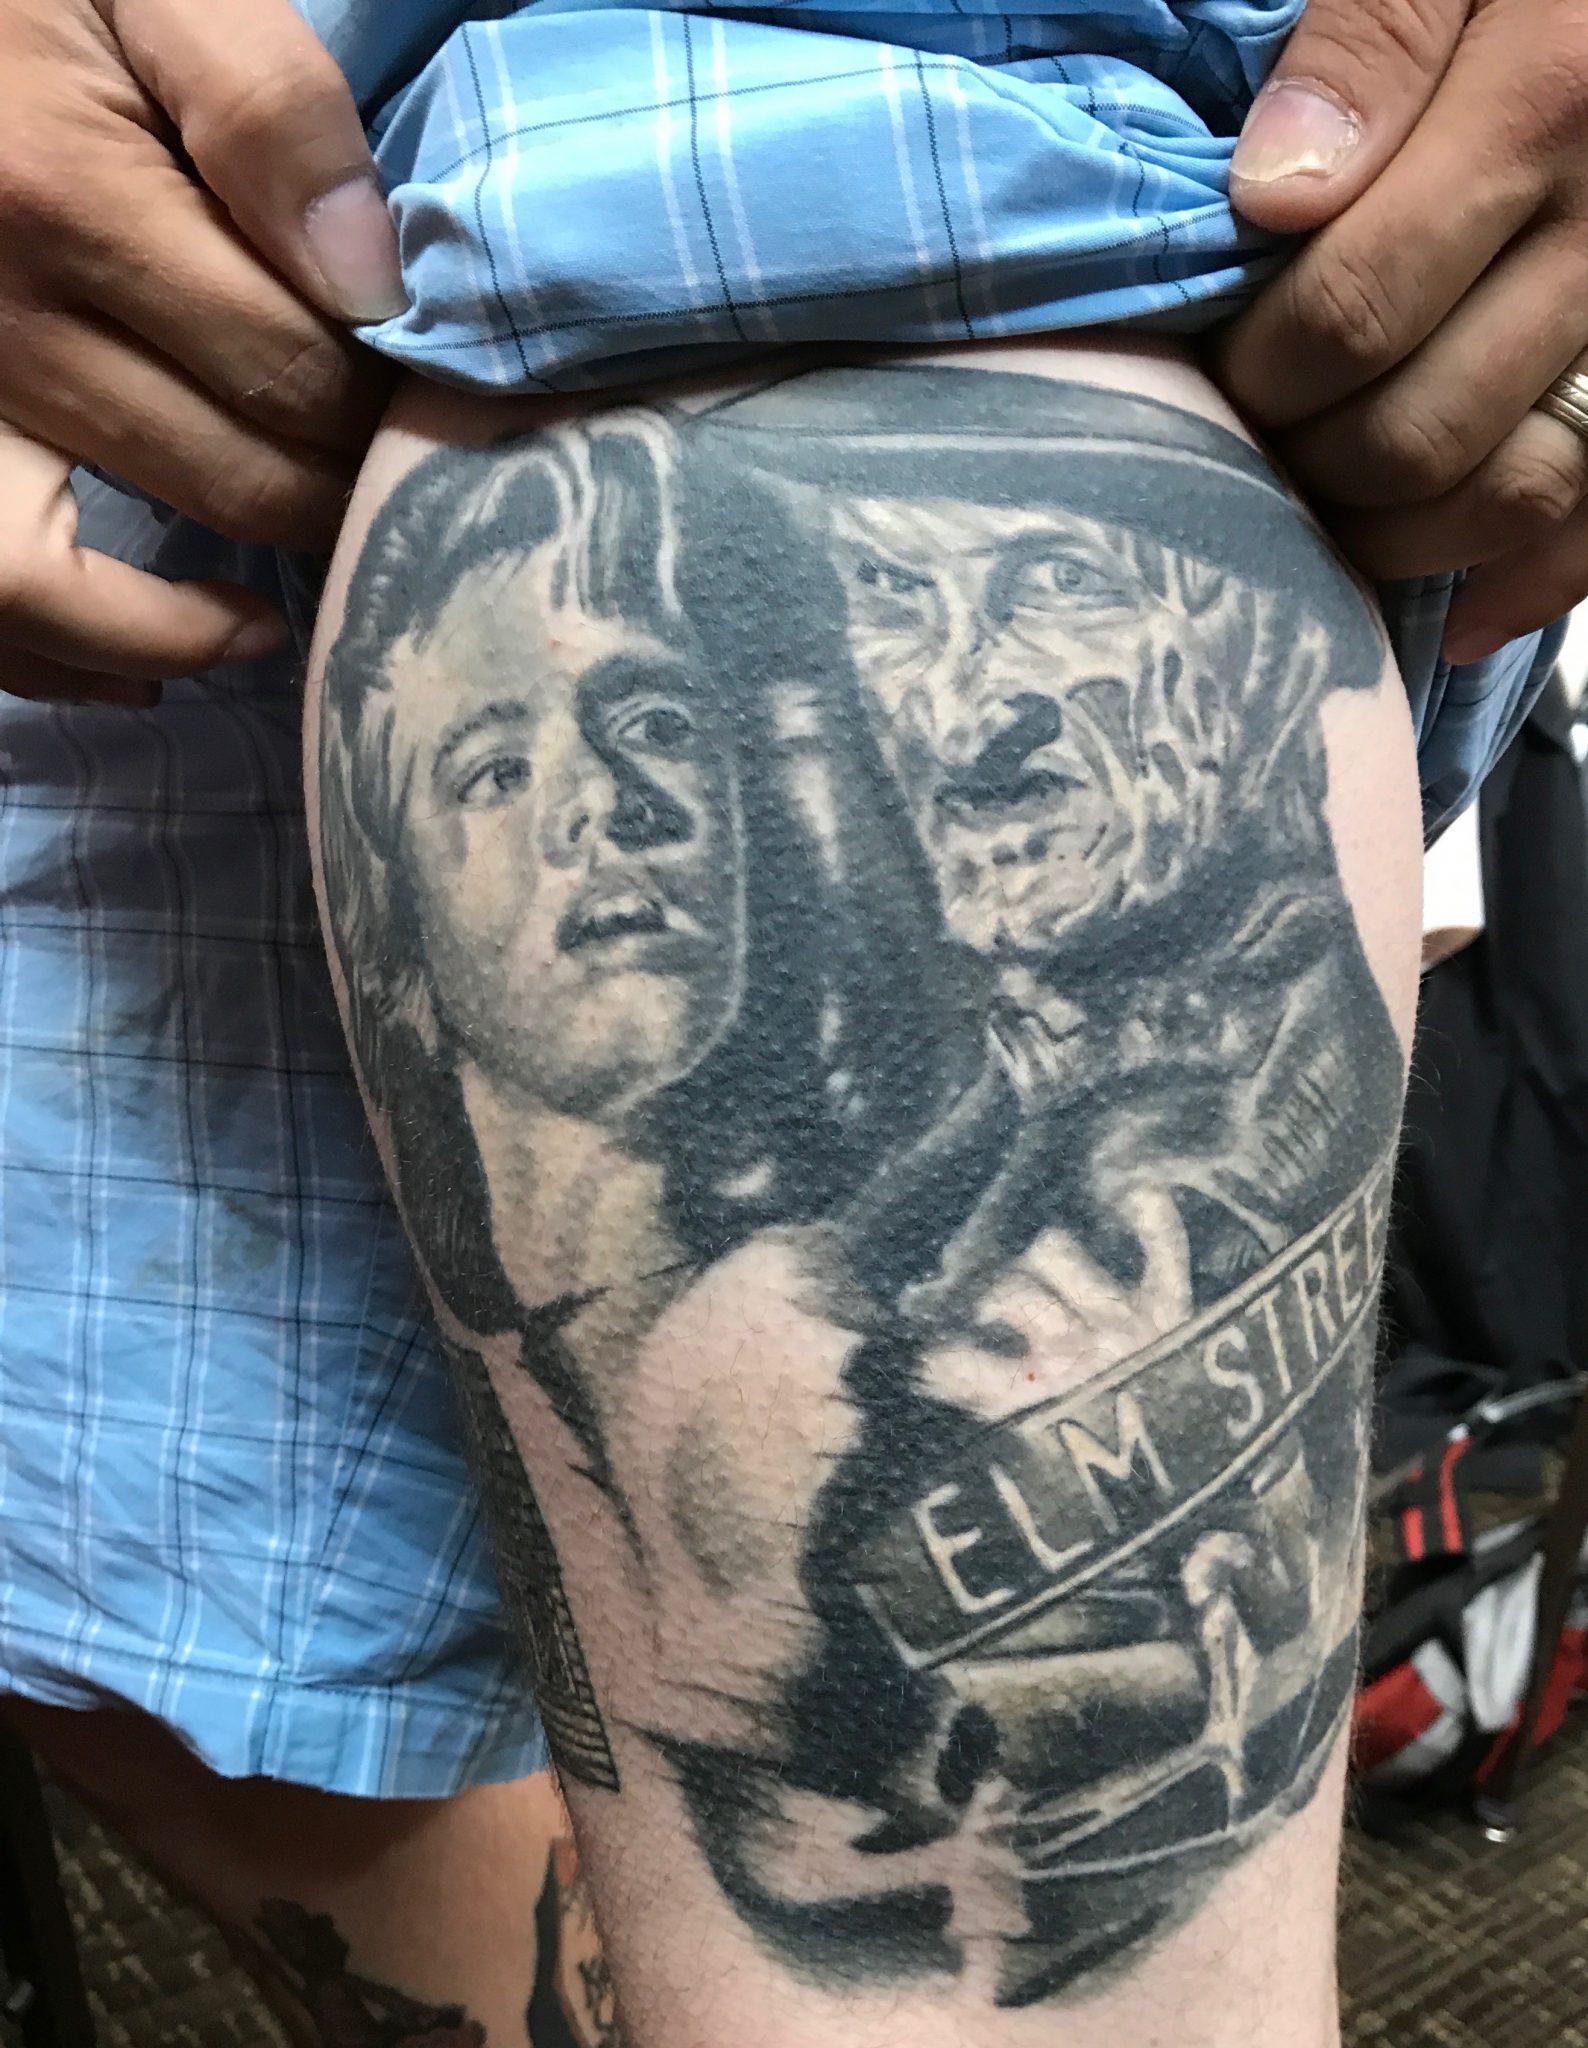 Elm street robert englund for Elm street tattoo